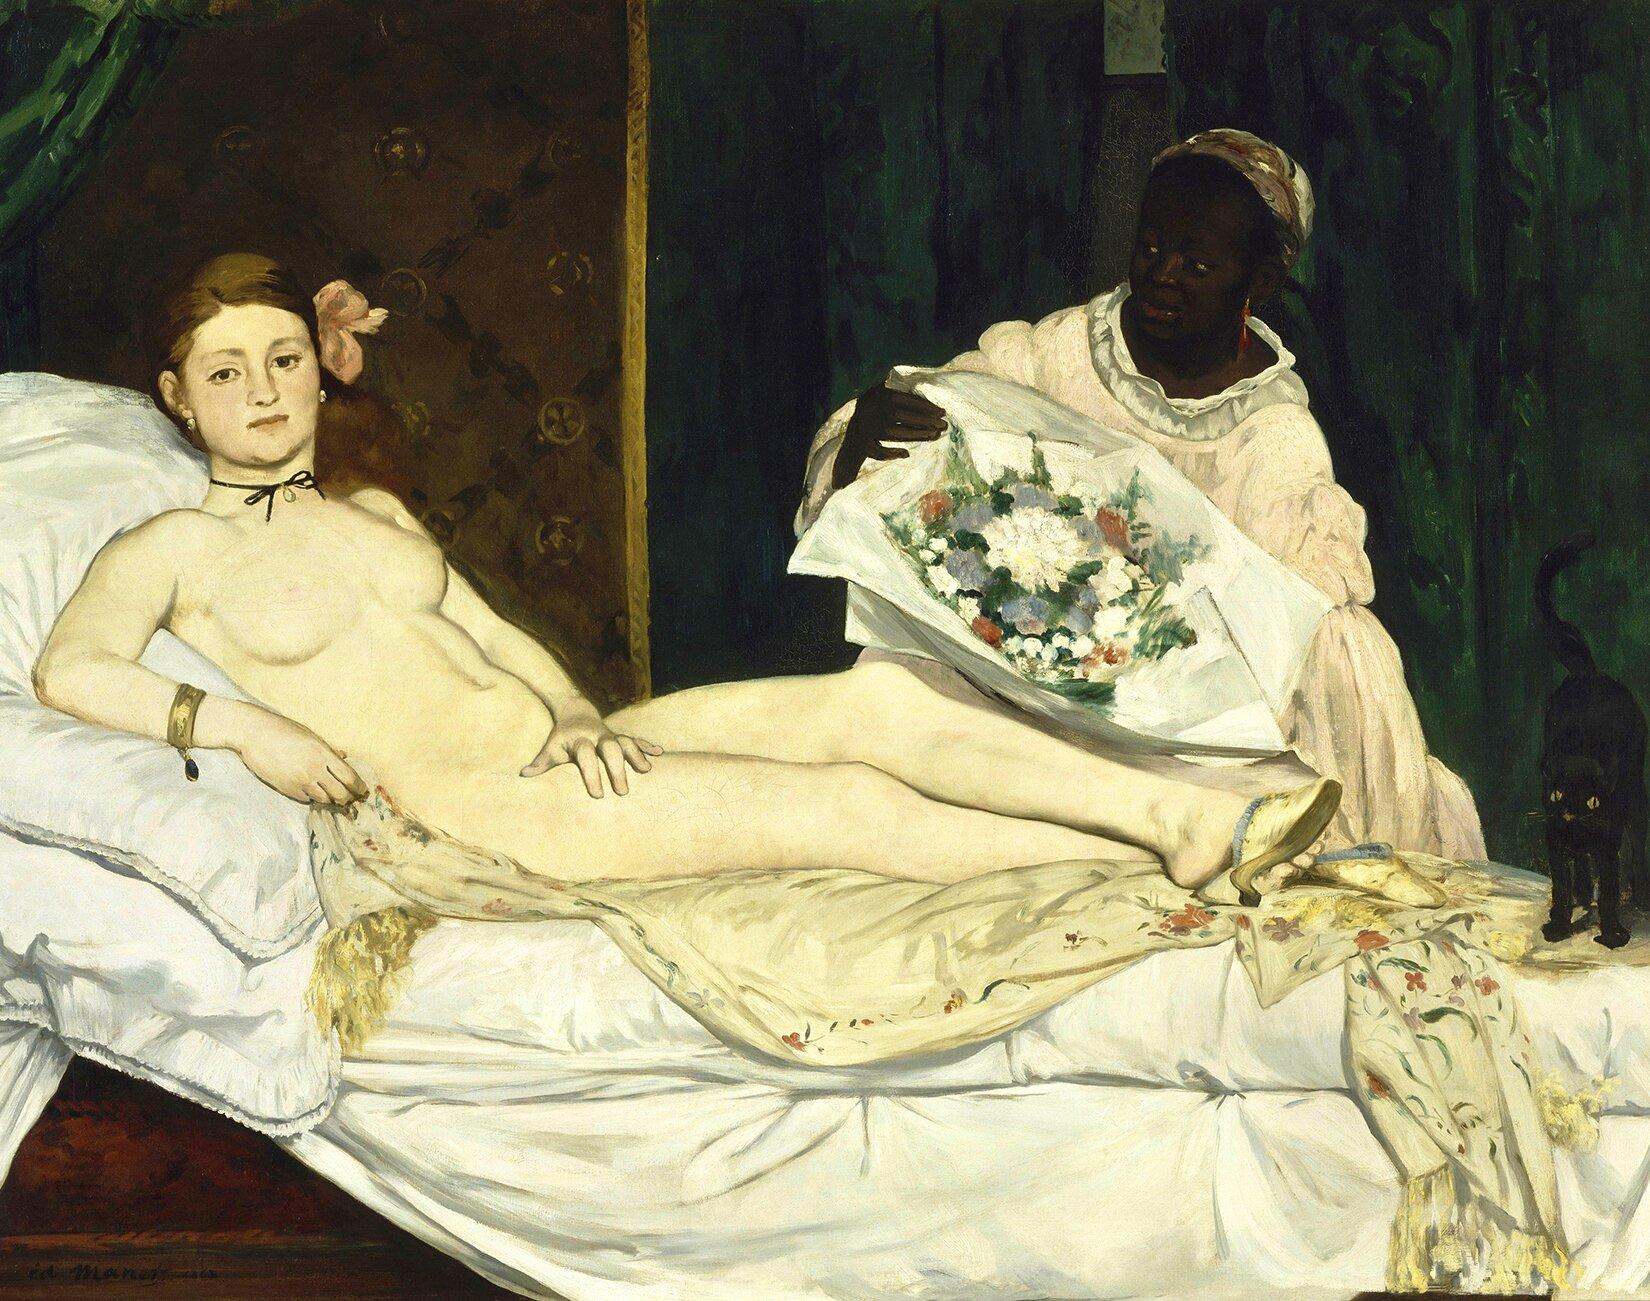 Olimpia Źródło: Édouard Manet, Olimpia, 1863, olej na płótnie, Musée d'Orsay, Paryż, domena publiczna.